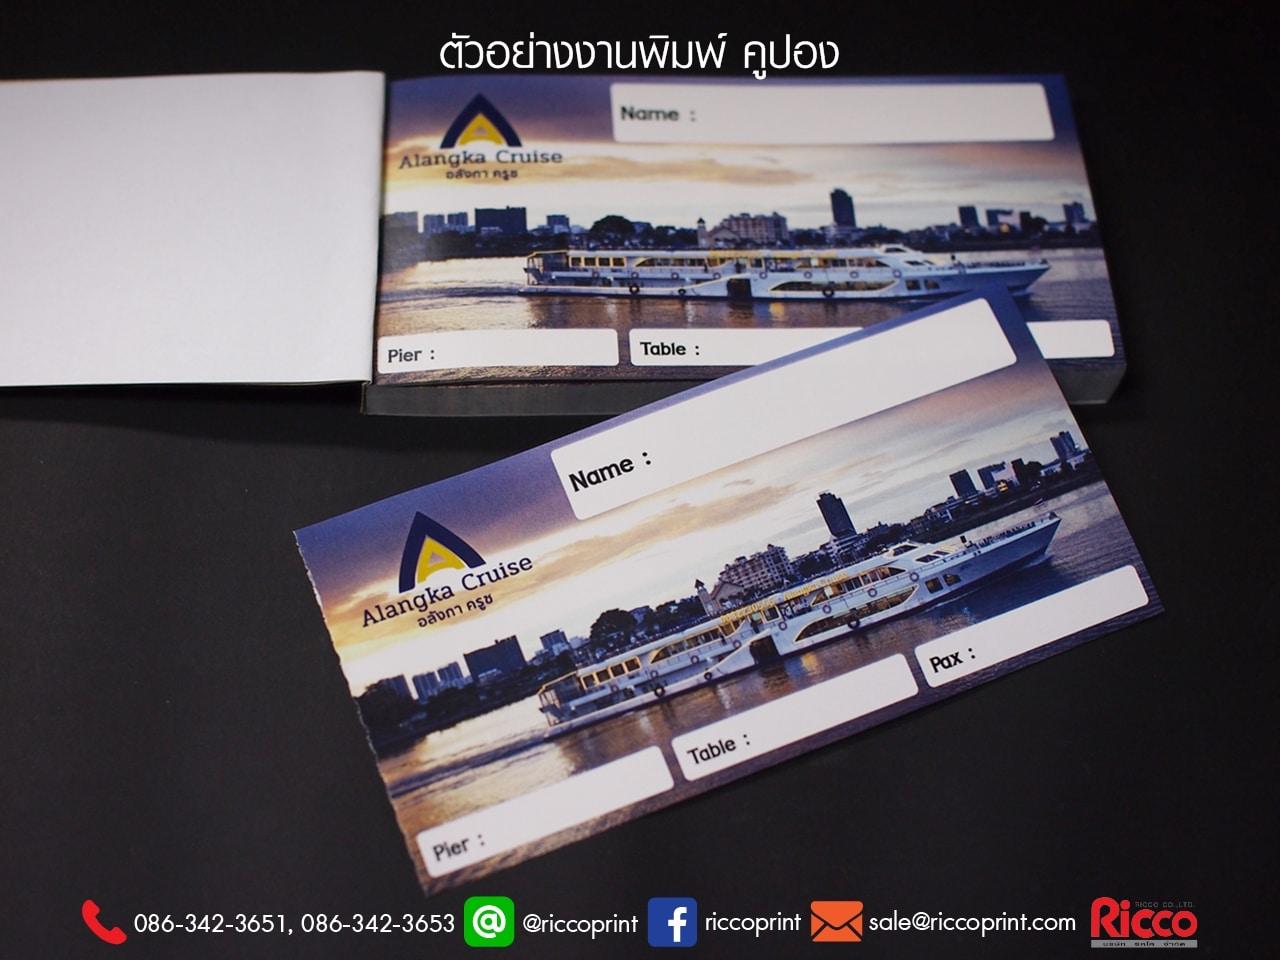 รูป Coupon Gift Voucher 2020 AlangkaCruise8 - ประกอบเนื้อหา คูปอง บัตรกำนัล ตั๋ว